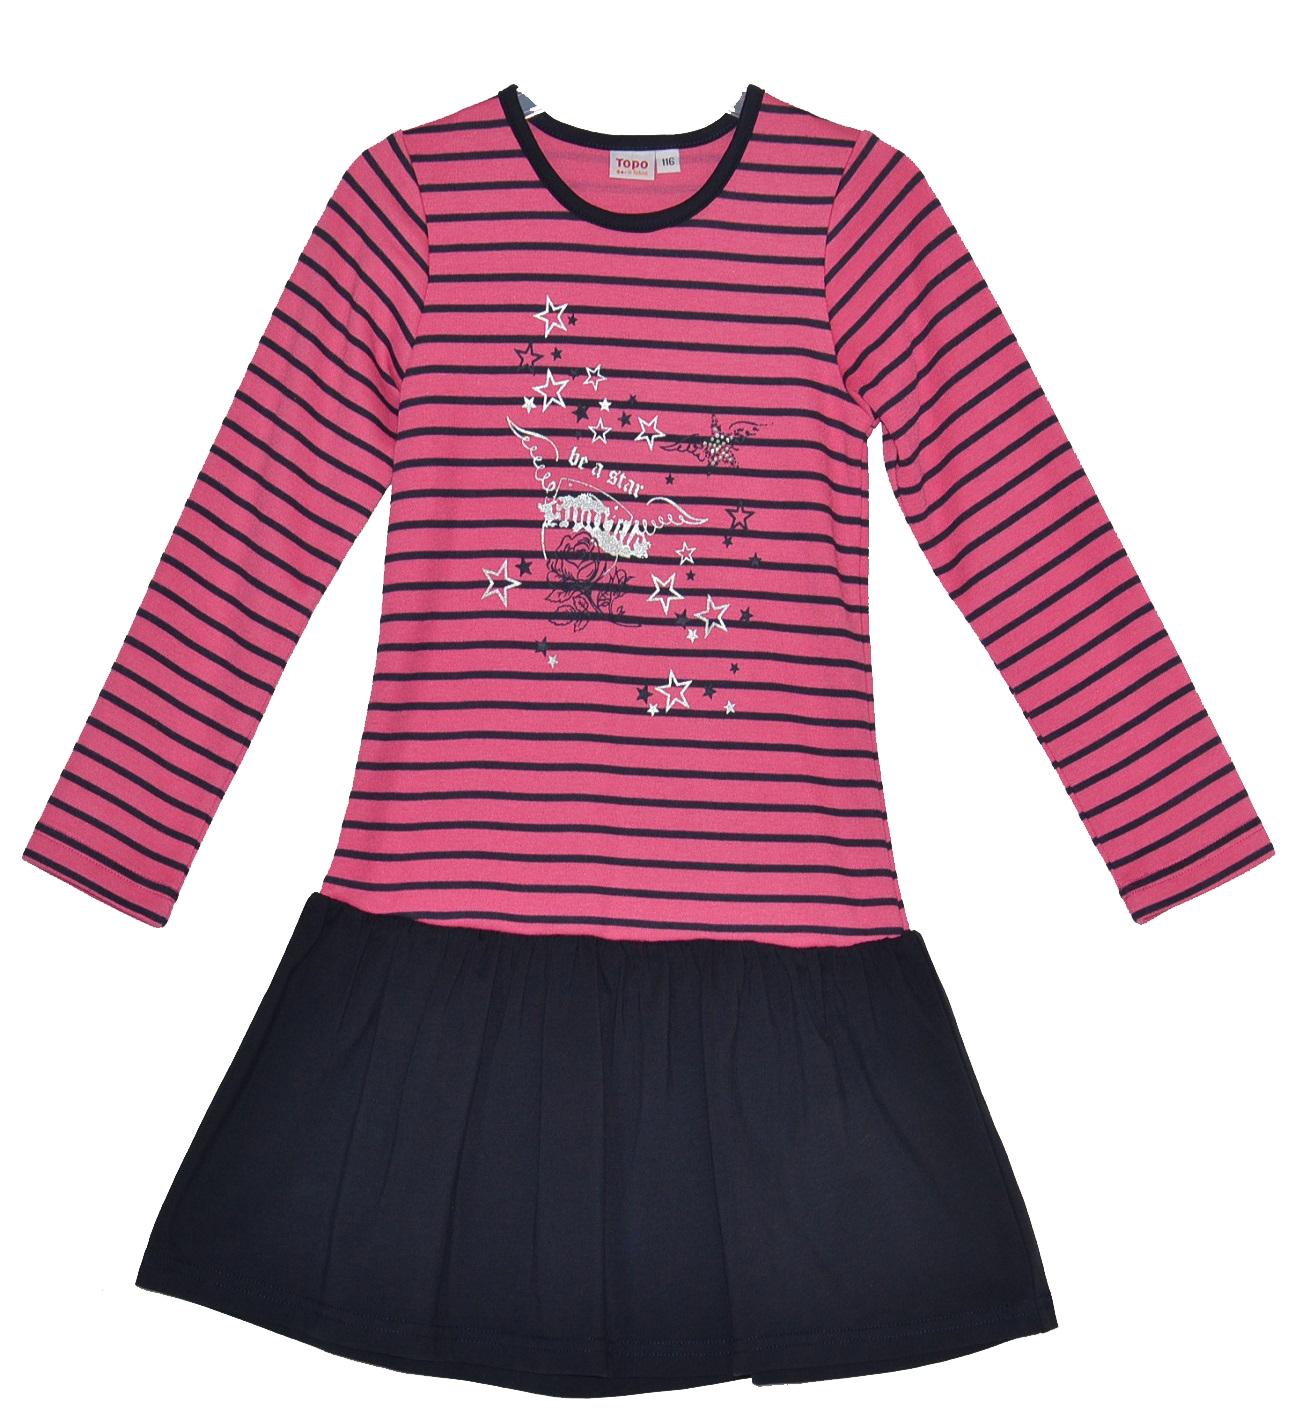 0cc1f97f3d7b Topo Dievčenské prúžkované šaty so skladanou sukňou - ružovo-čierne ...